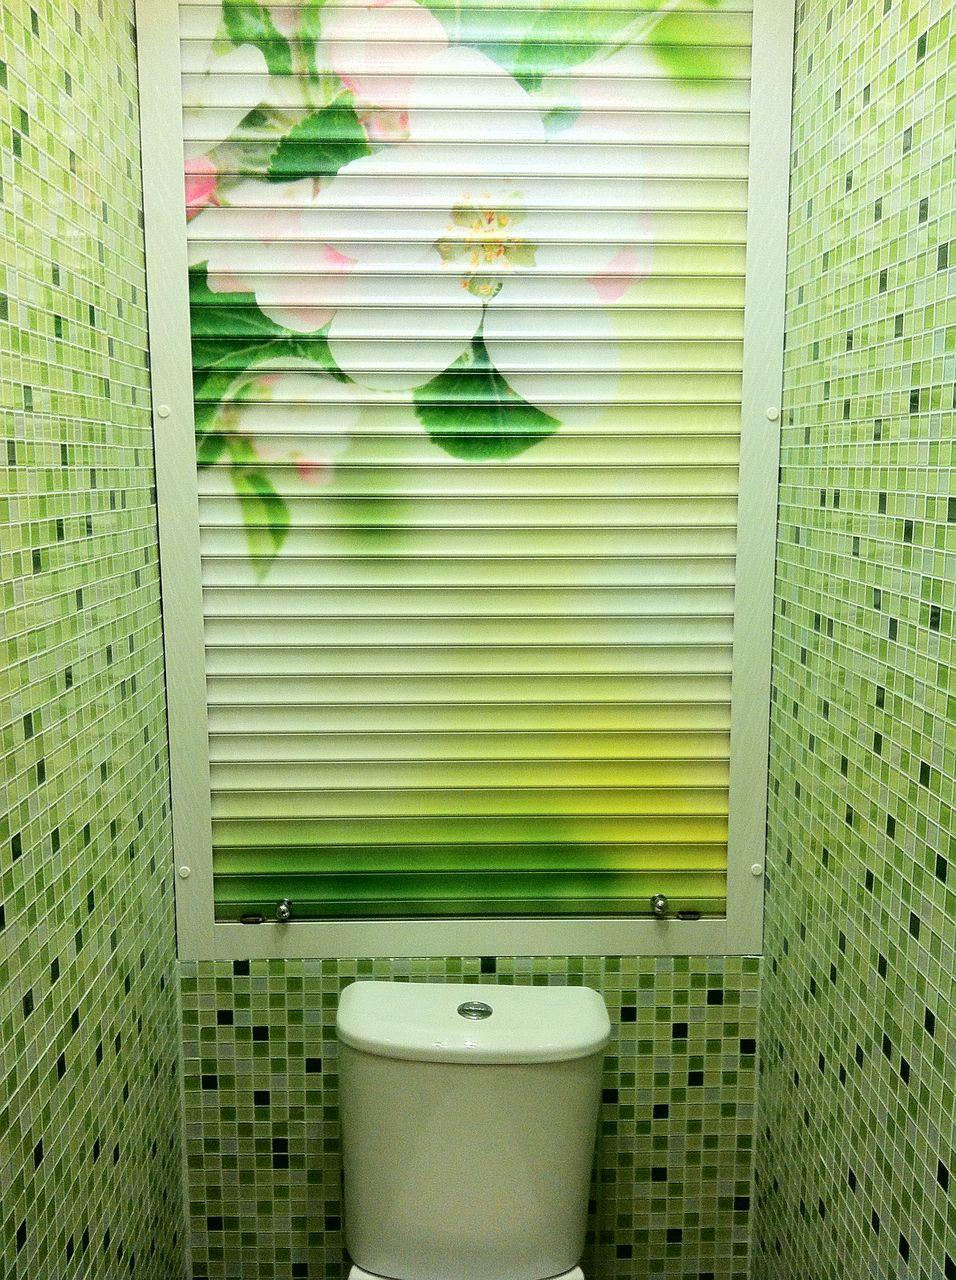 Рольставни в туалет за унитазом с рисунком